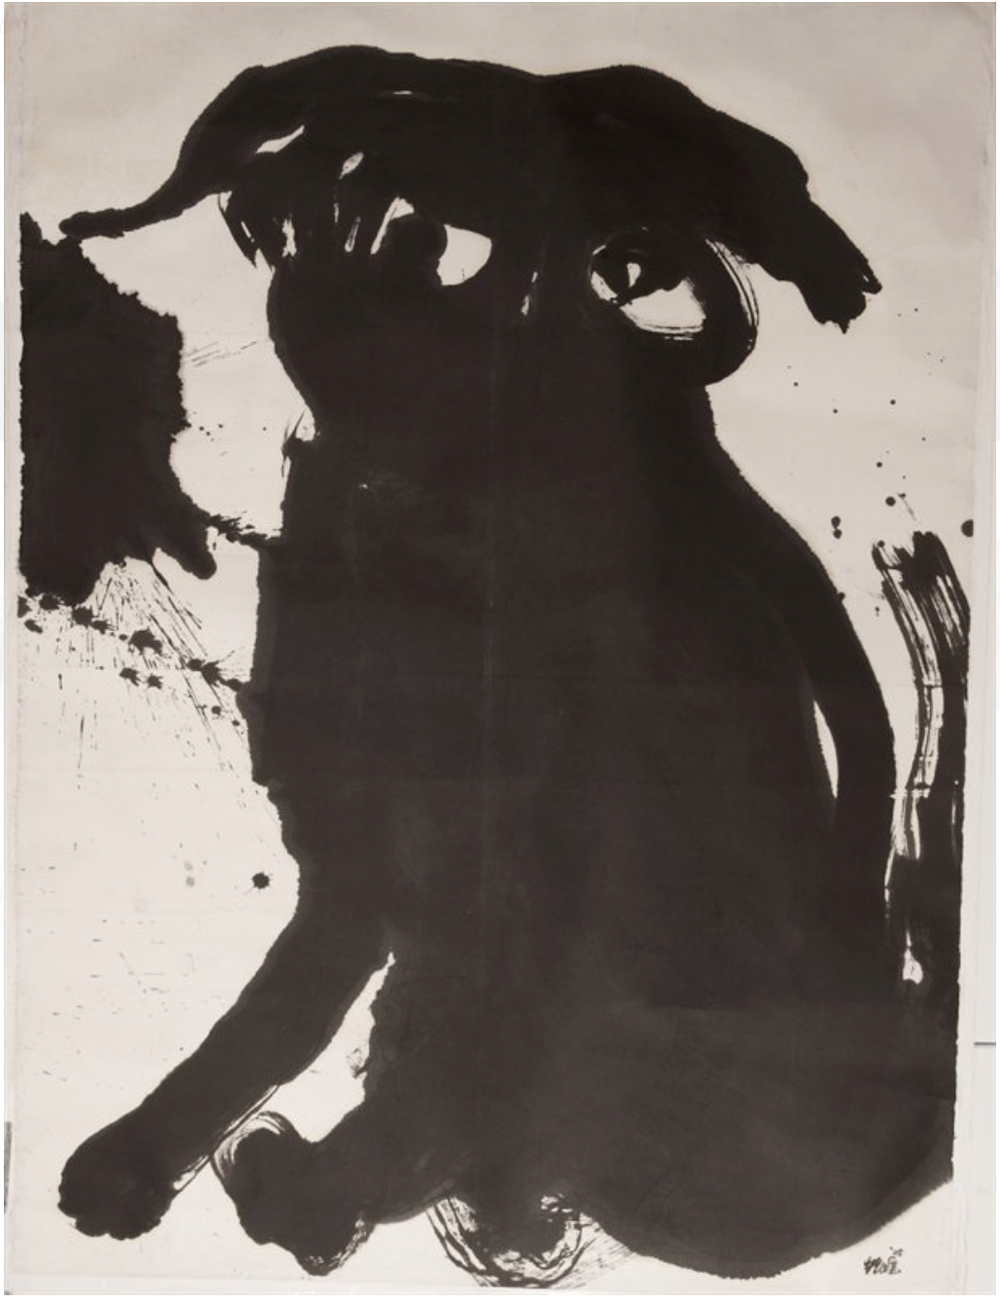 黑狗,200x145cm,水墨、水墨、宣纸,2005